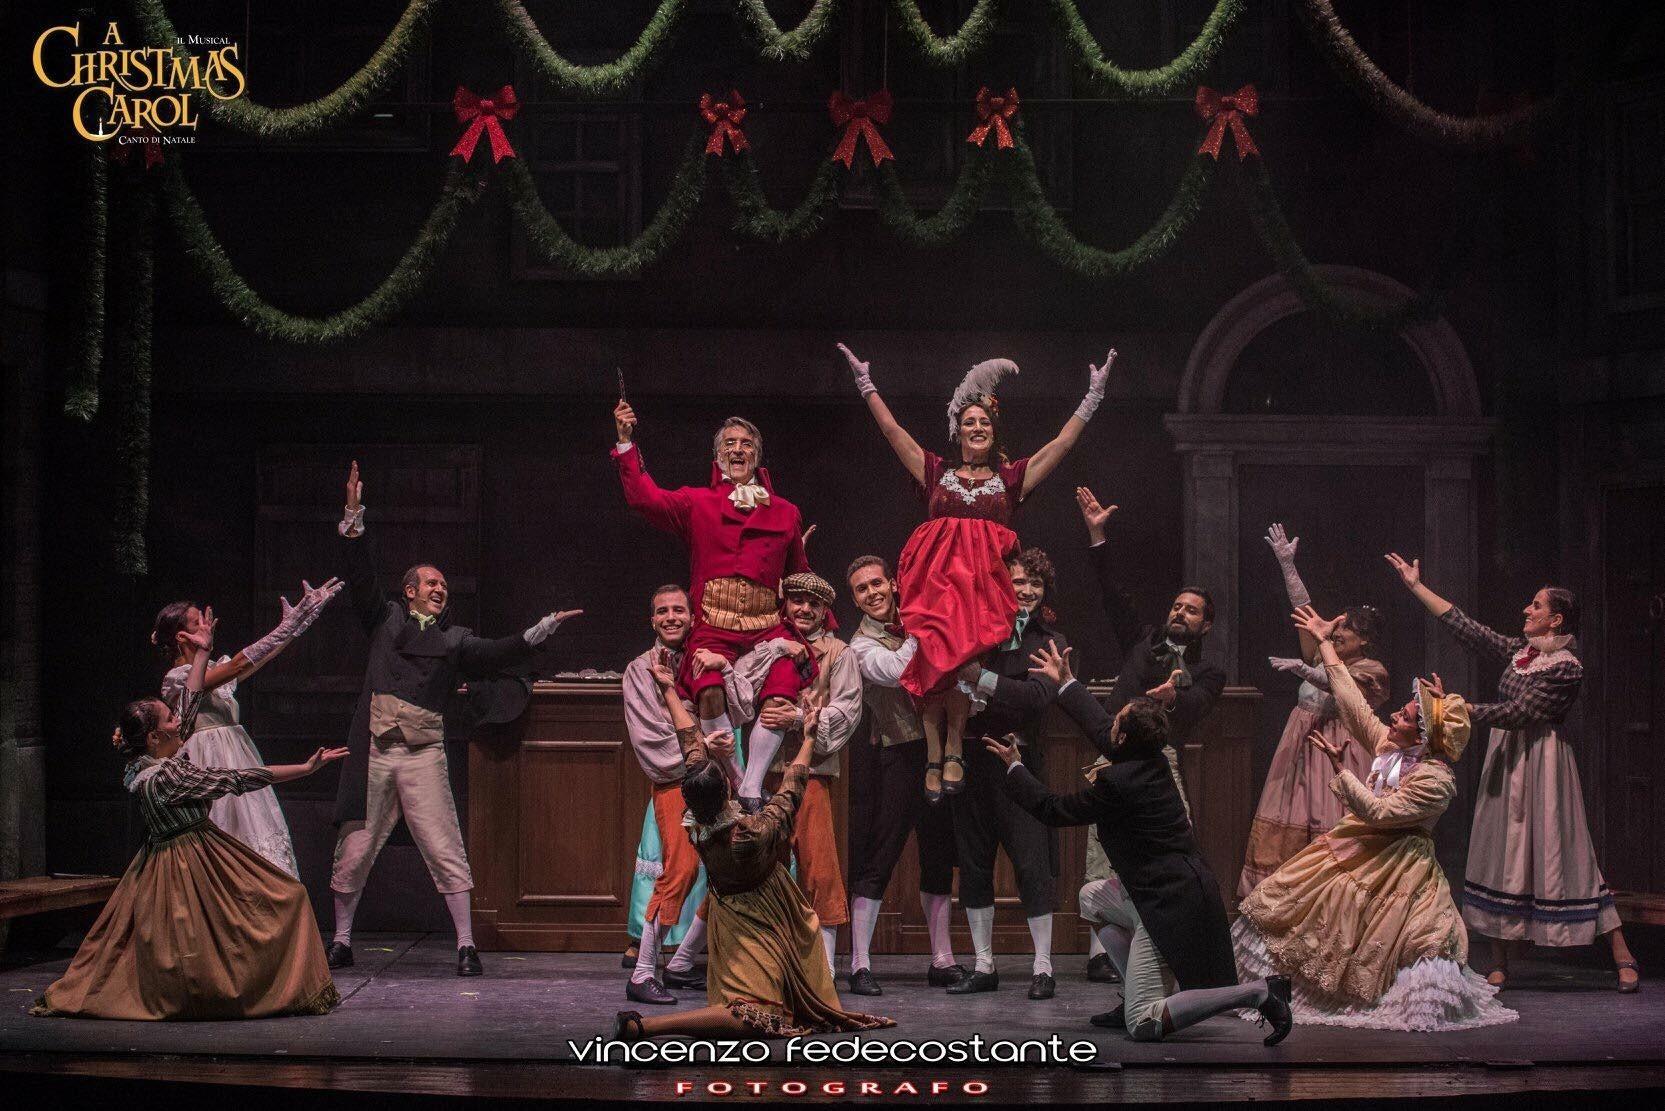 Al Teatro Quirino di Roma A CHRISTMAS CAROL